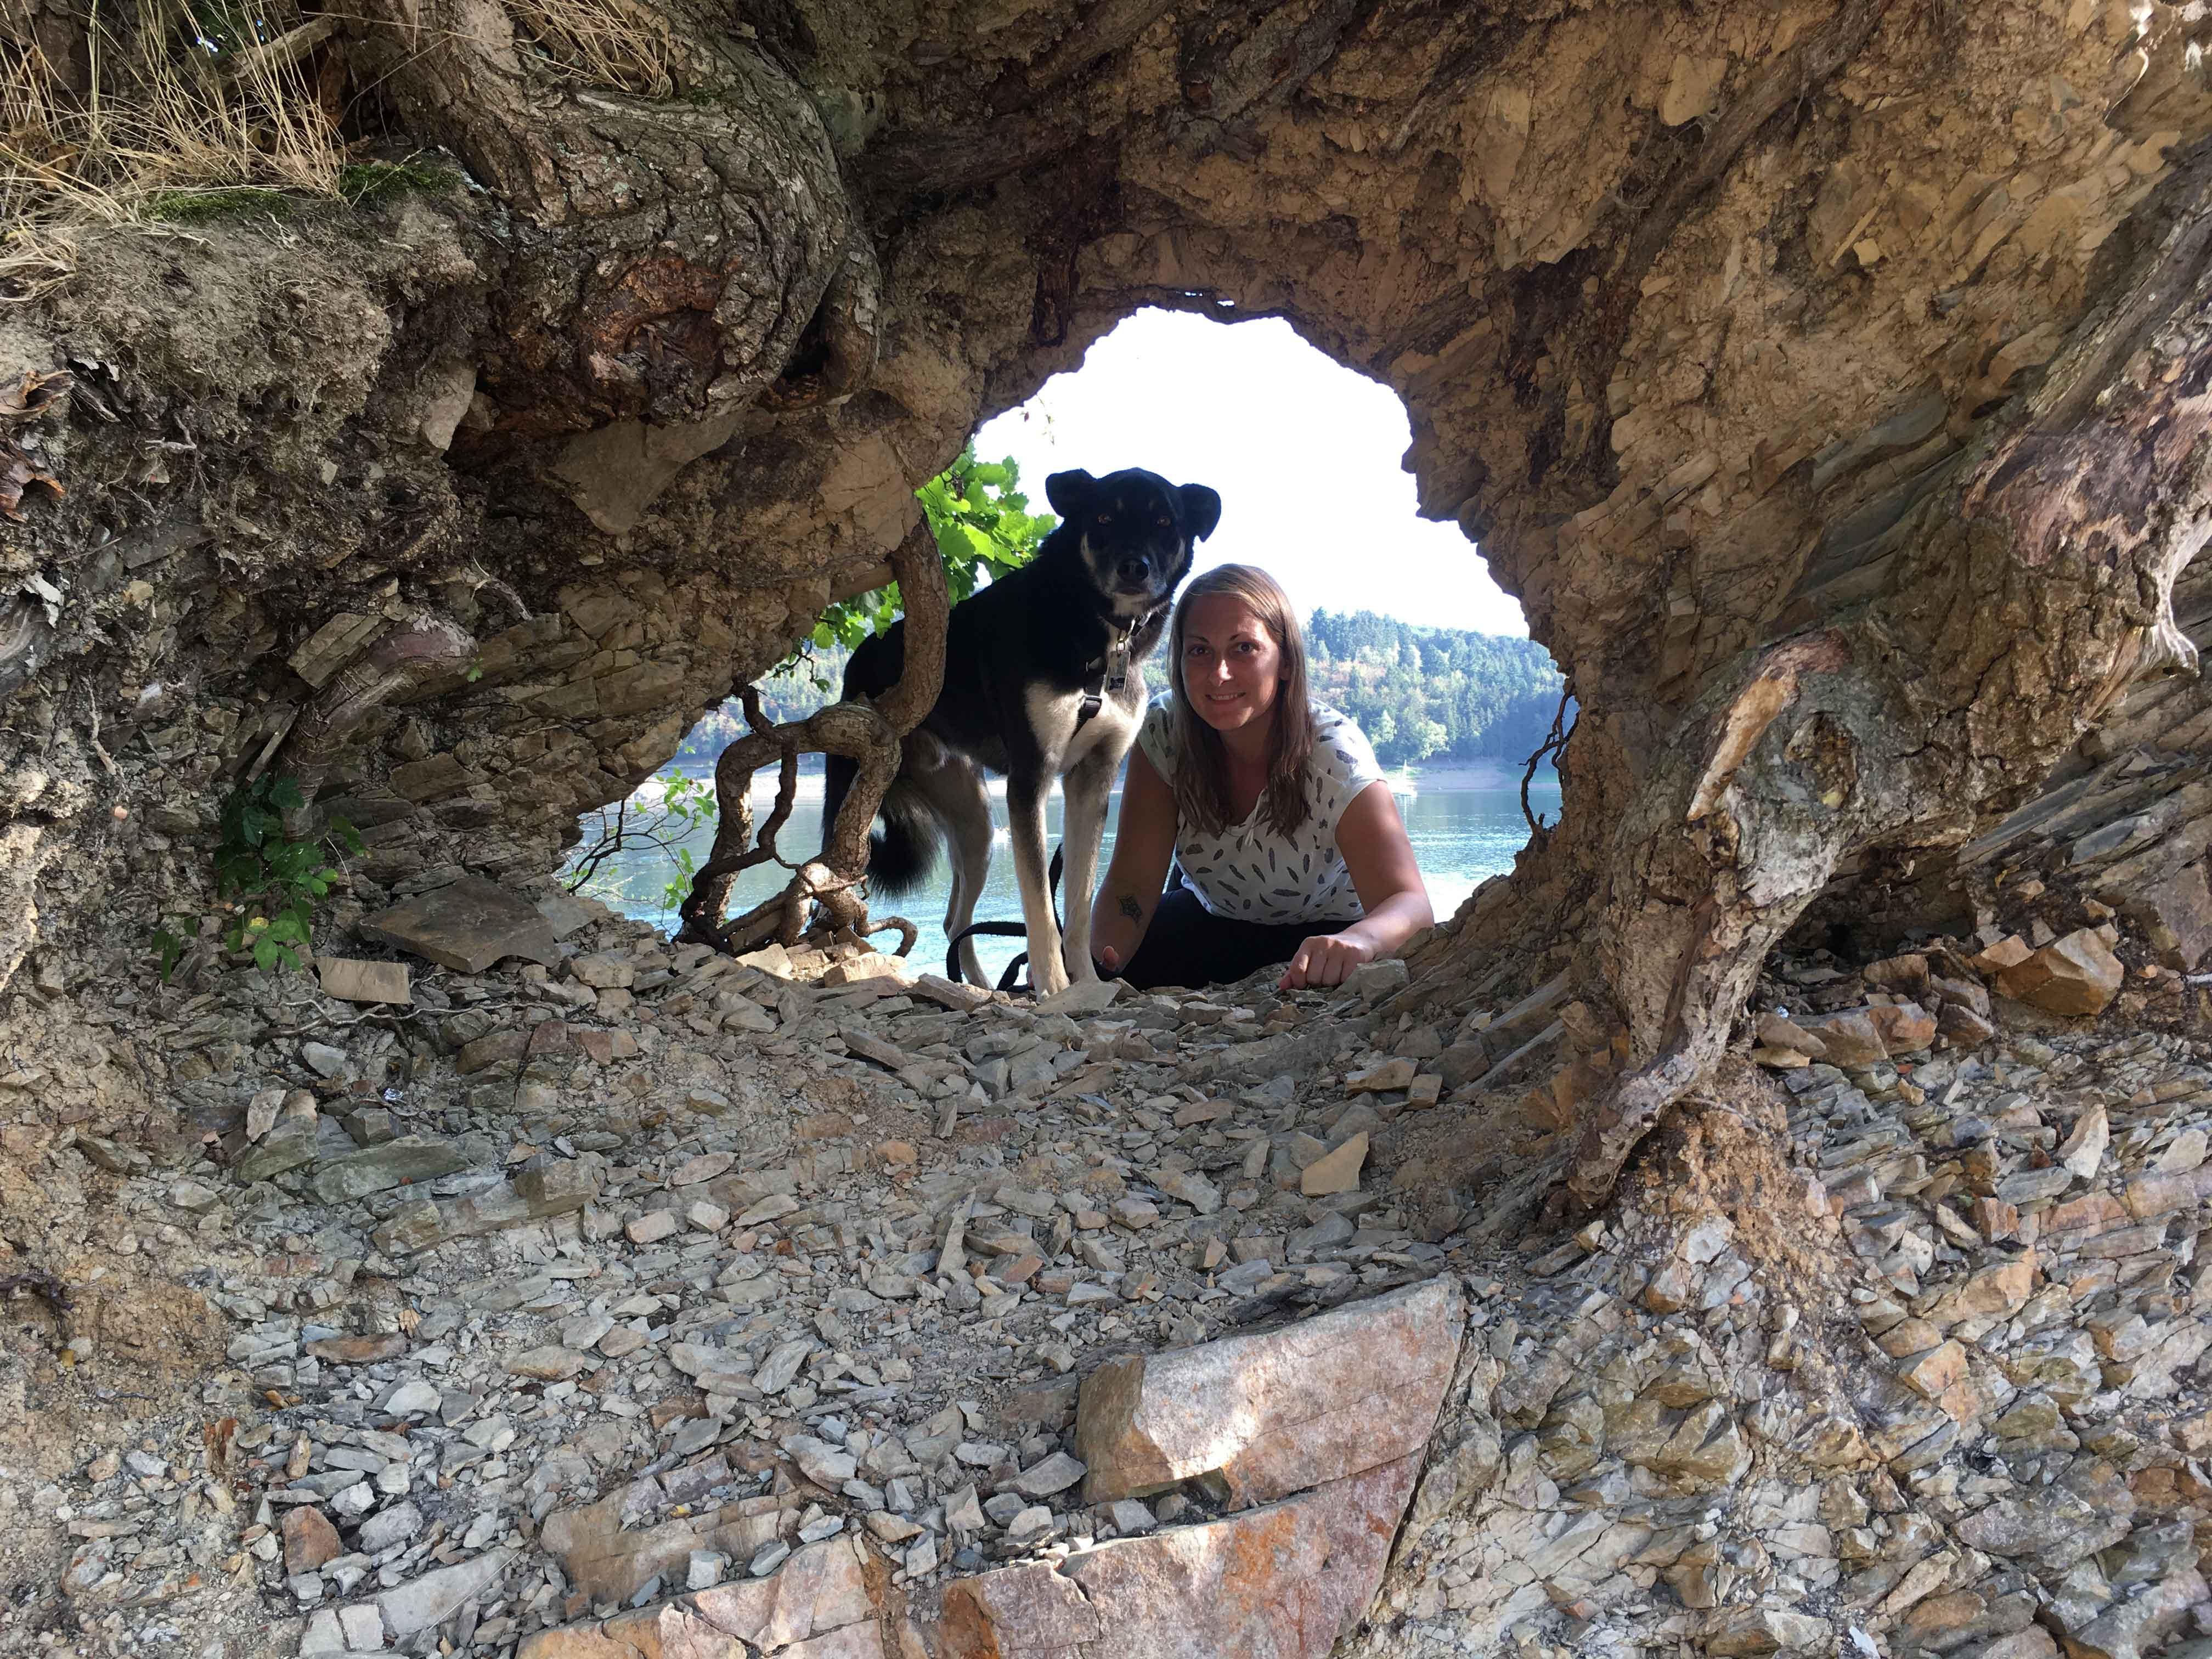 Hi, ich bin Anni und freue mich, dass Du hier bist. Auf diesem Blog dreht sich alles rund um tierische Helfer. Du lernst die verschiedenen Einsatzbereiche kennen und bekommst persönliche Erfahrungsberichte zu lesen und zwar nicht nur von mir.